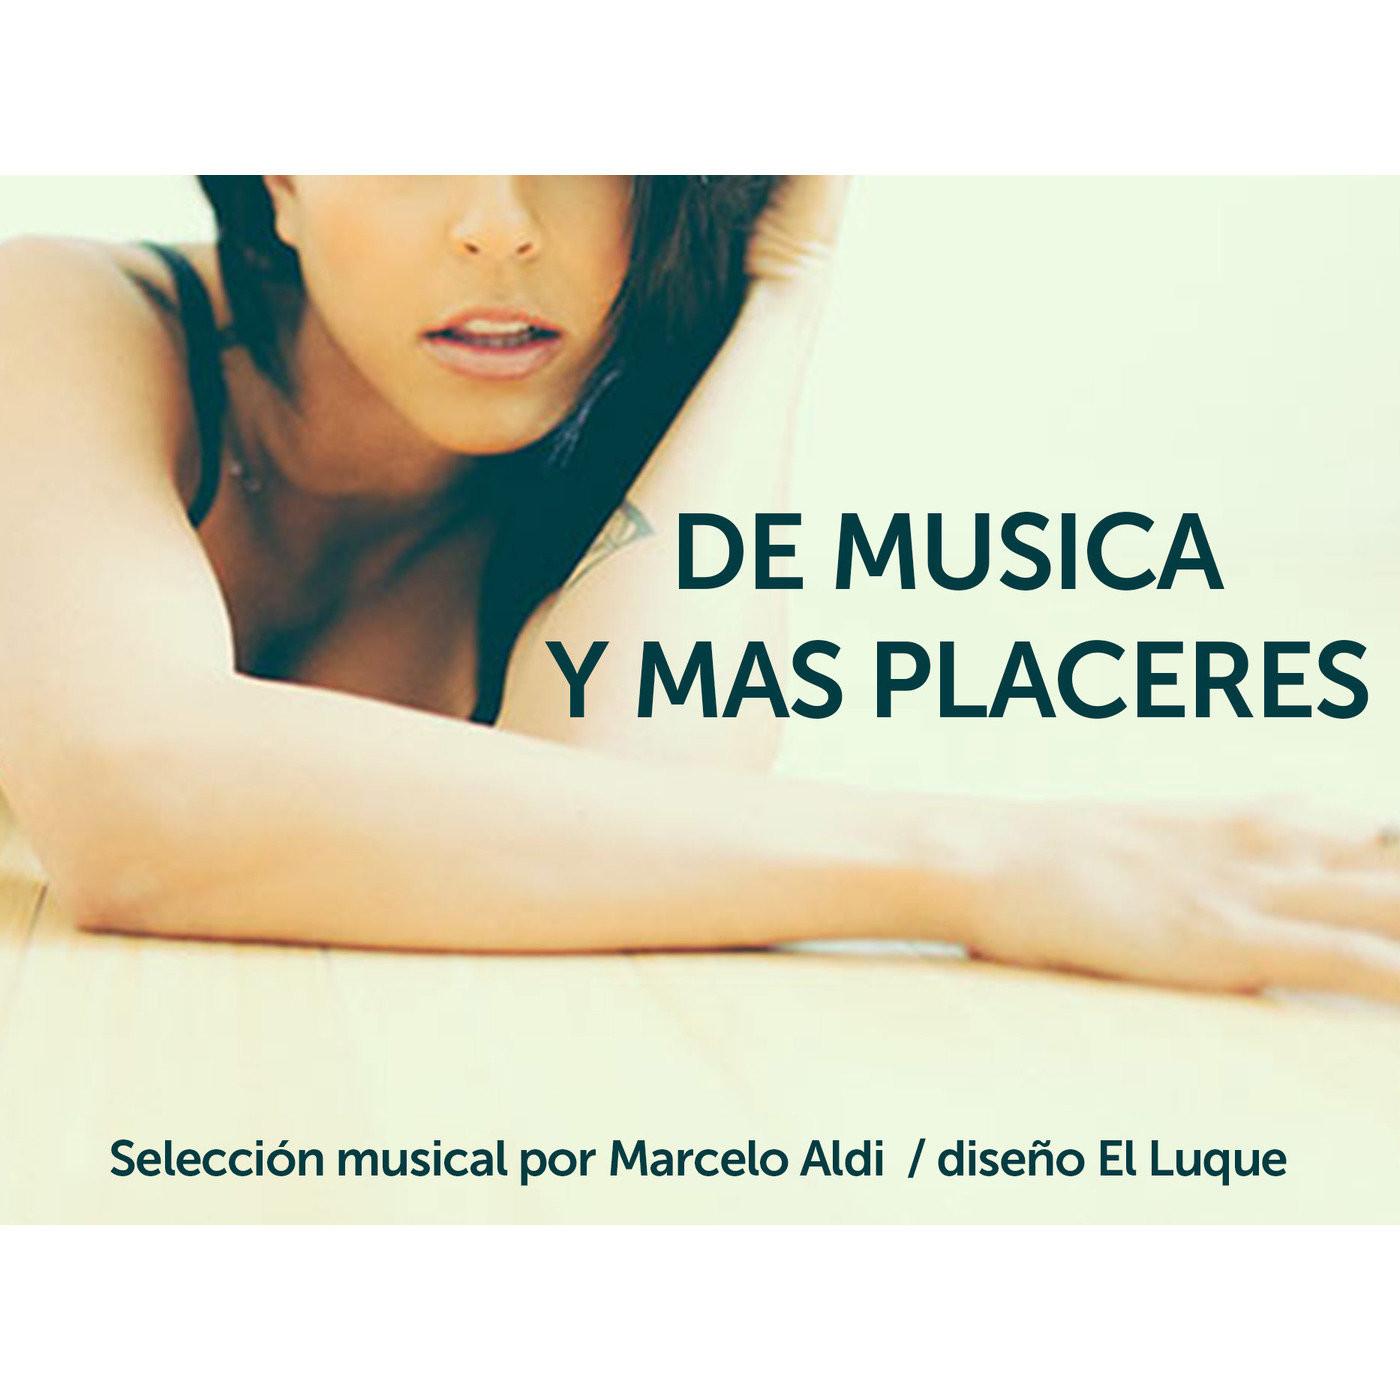 De Musica y Mas Placeres